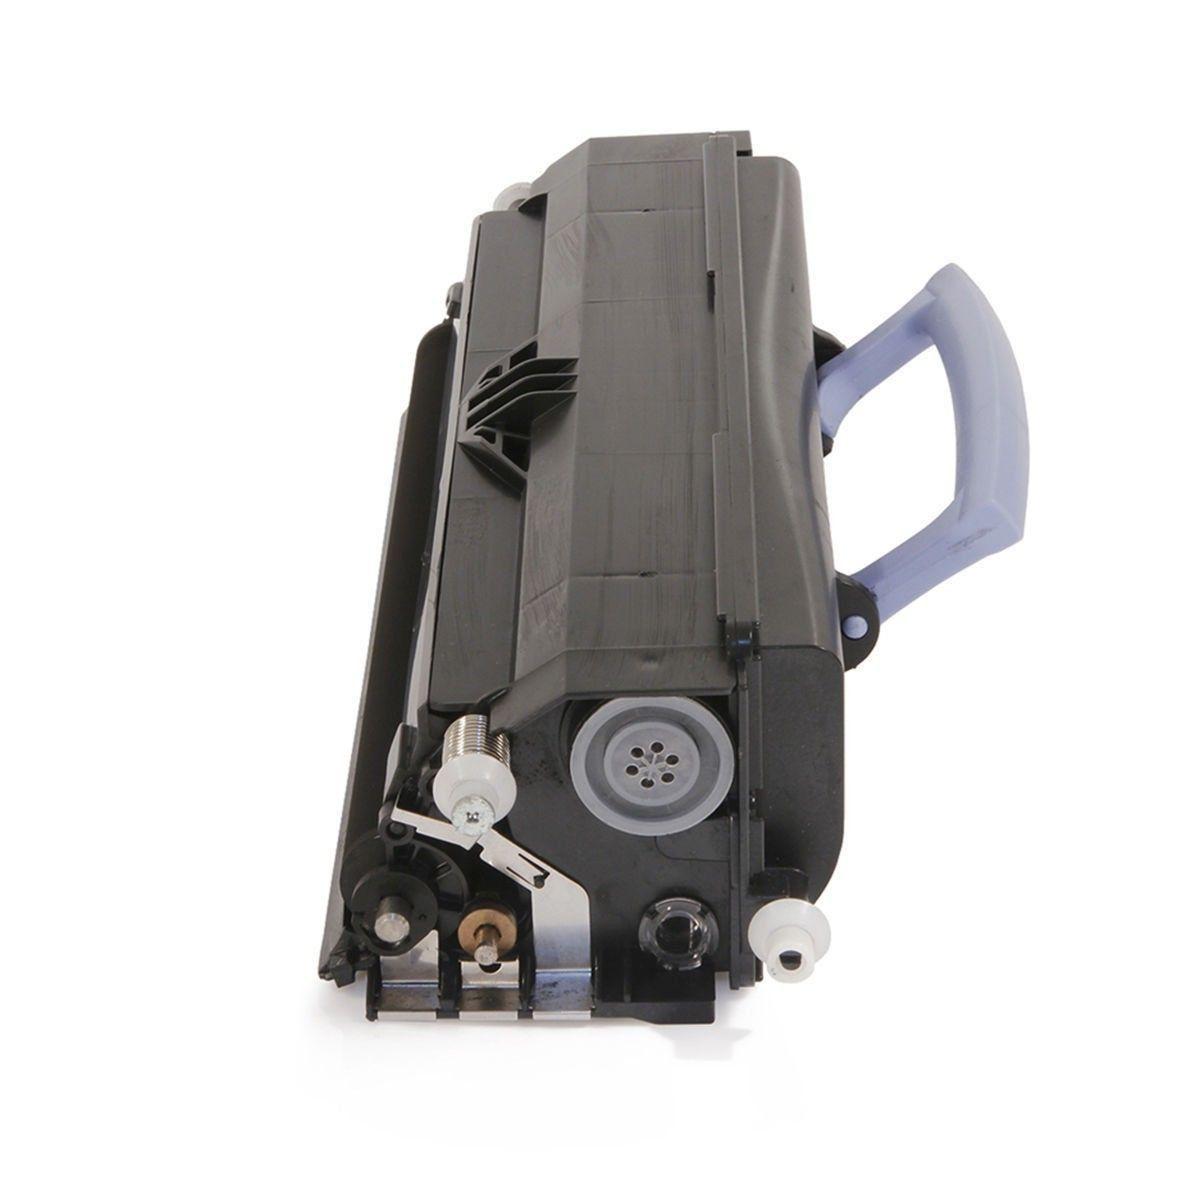 Compatível: Toner X340H11G X340H2LG para Lexmark Optra X340 X342 X340n X342n X340nmfp X342nmfp / Preto / 6.000